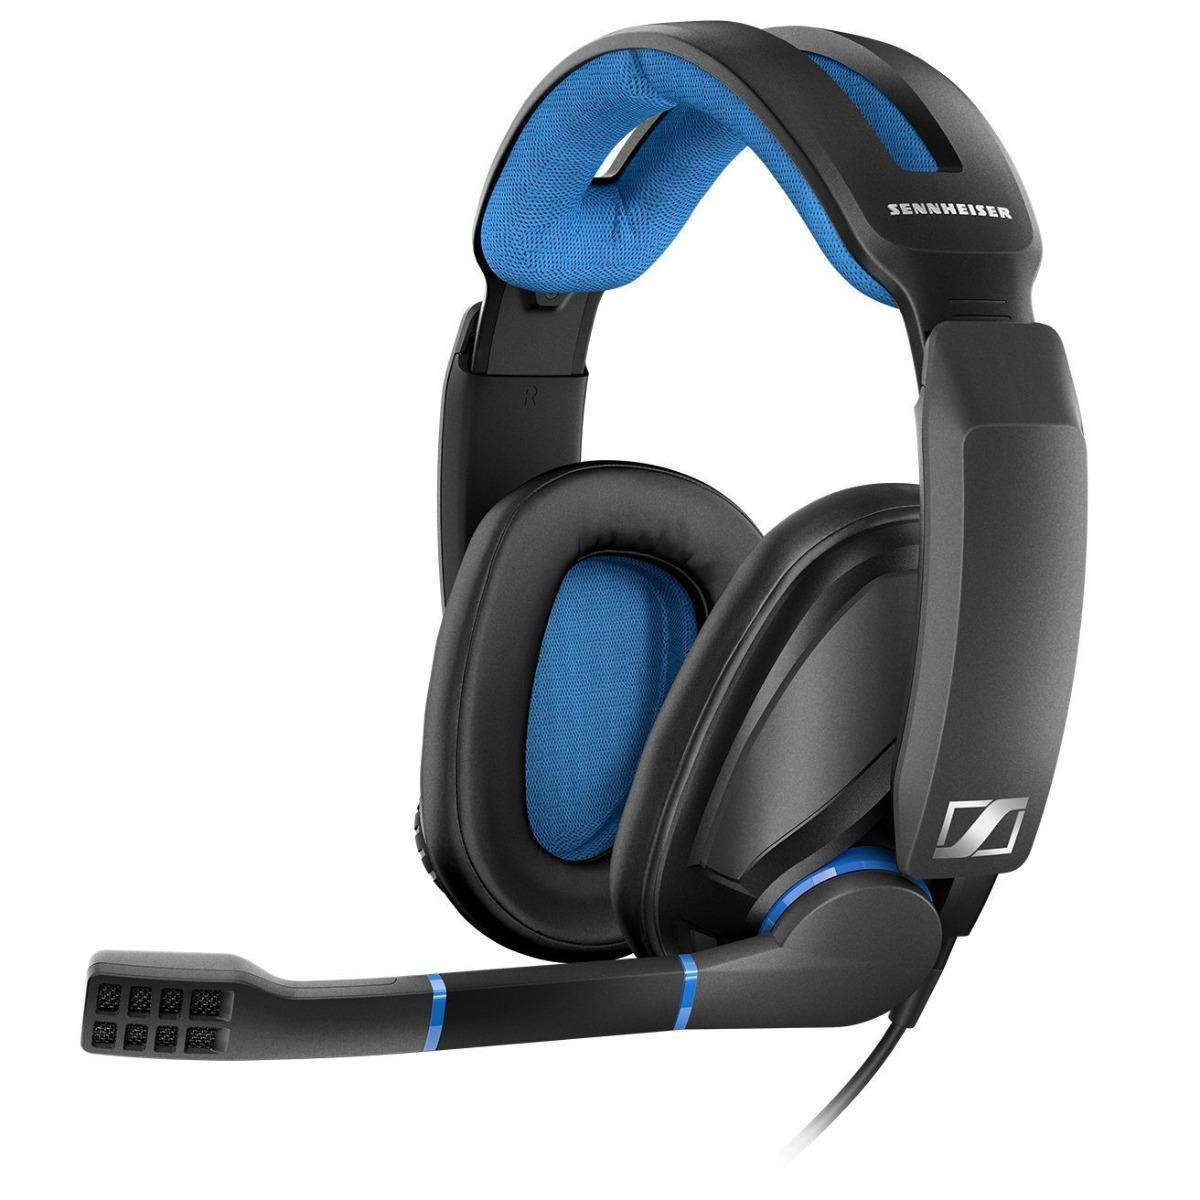 Sennheiser gaming headset mic GSP 300